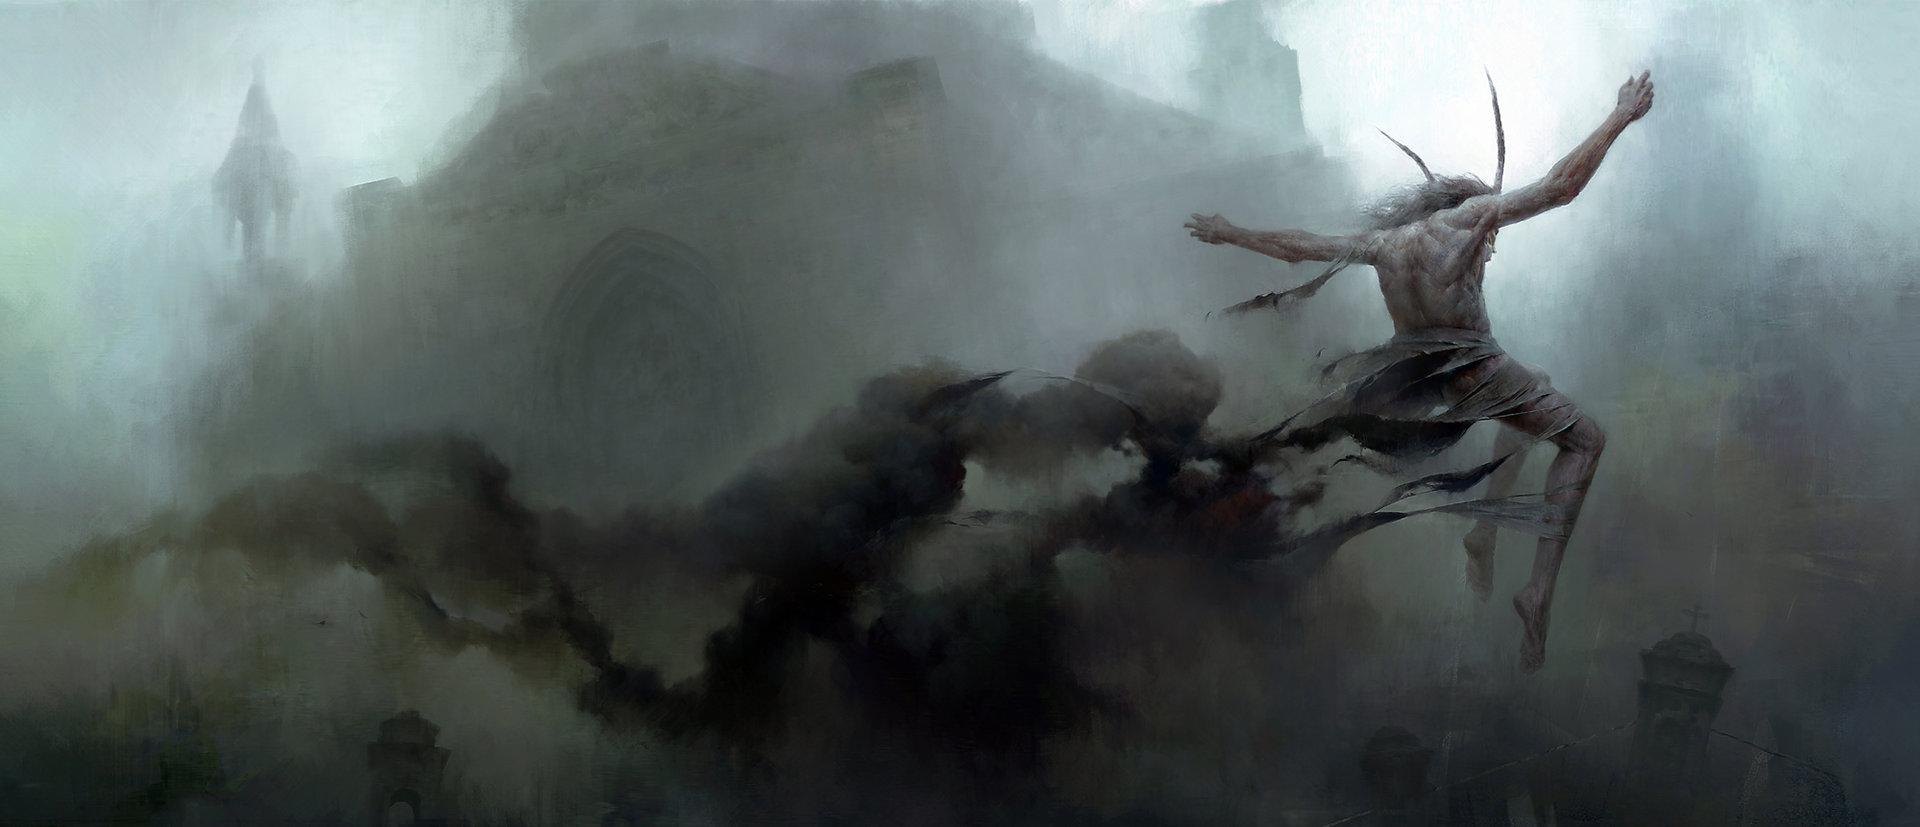 [Reflexion] Les oeuvres qui vous inspirent Piotr-jablonski-arthur-j-cover11s